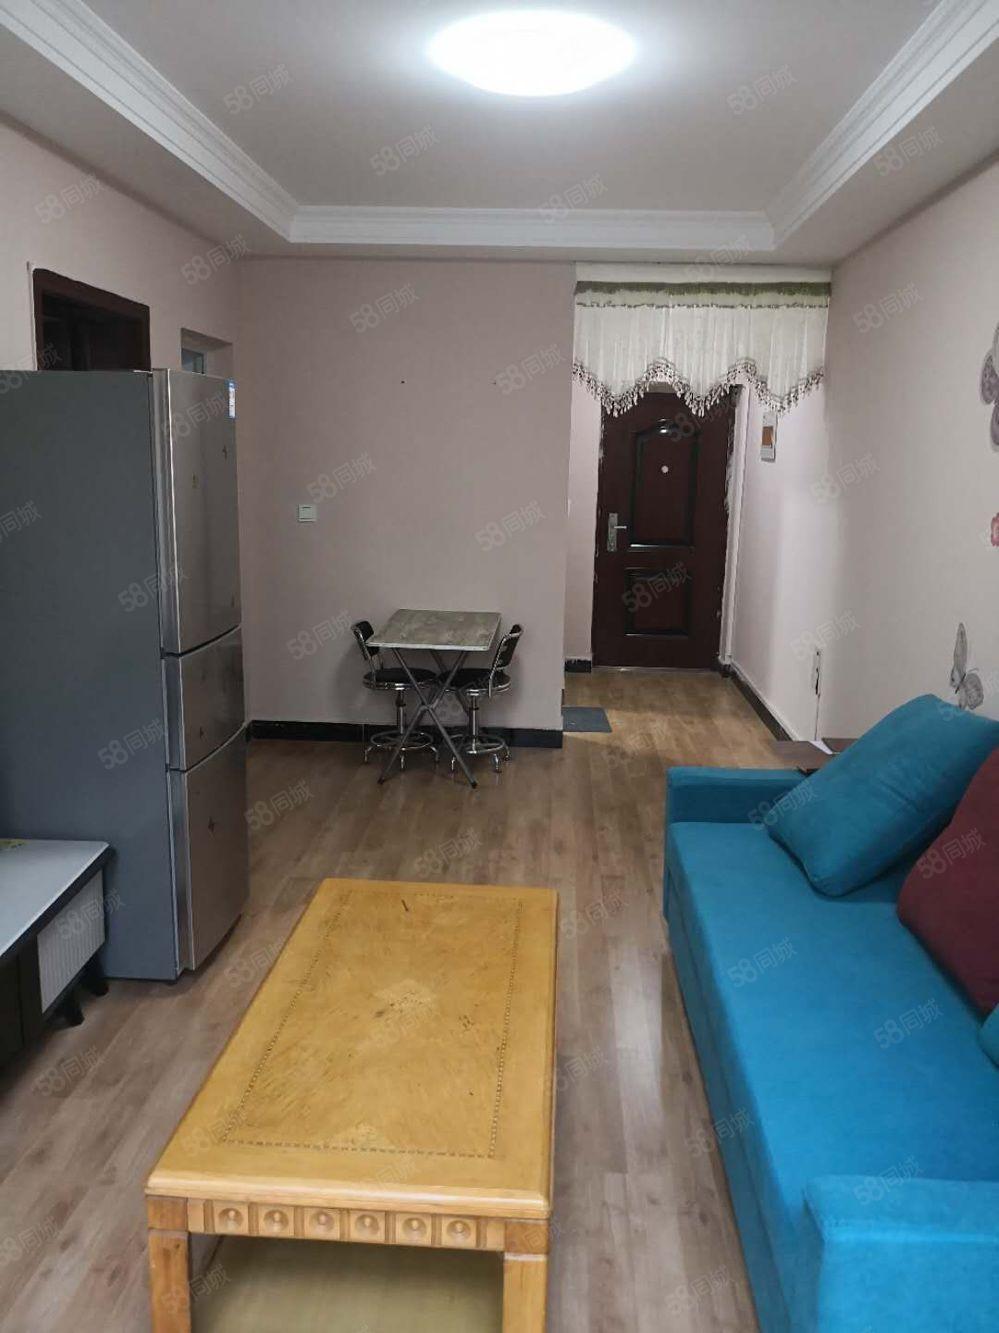 陶行社區步梯六樓南向精裝一室一廳一廚一衛拎包入住年租7200